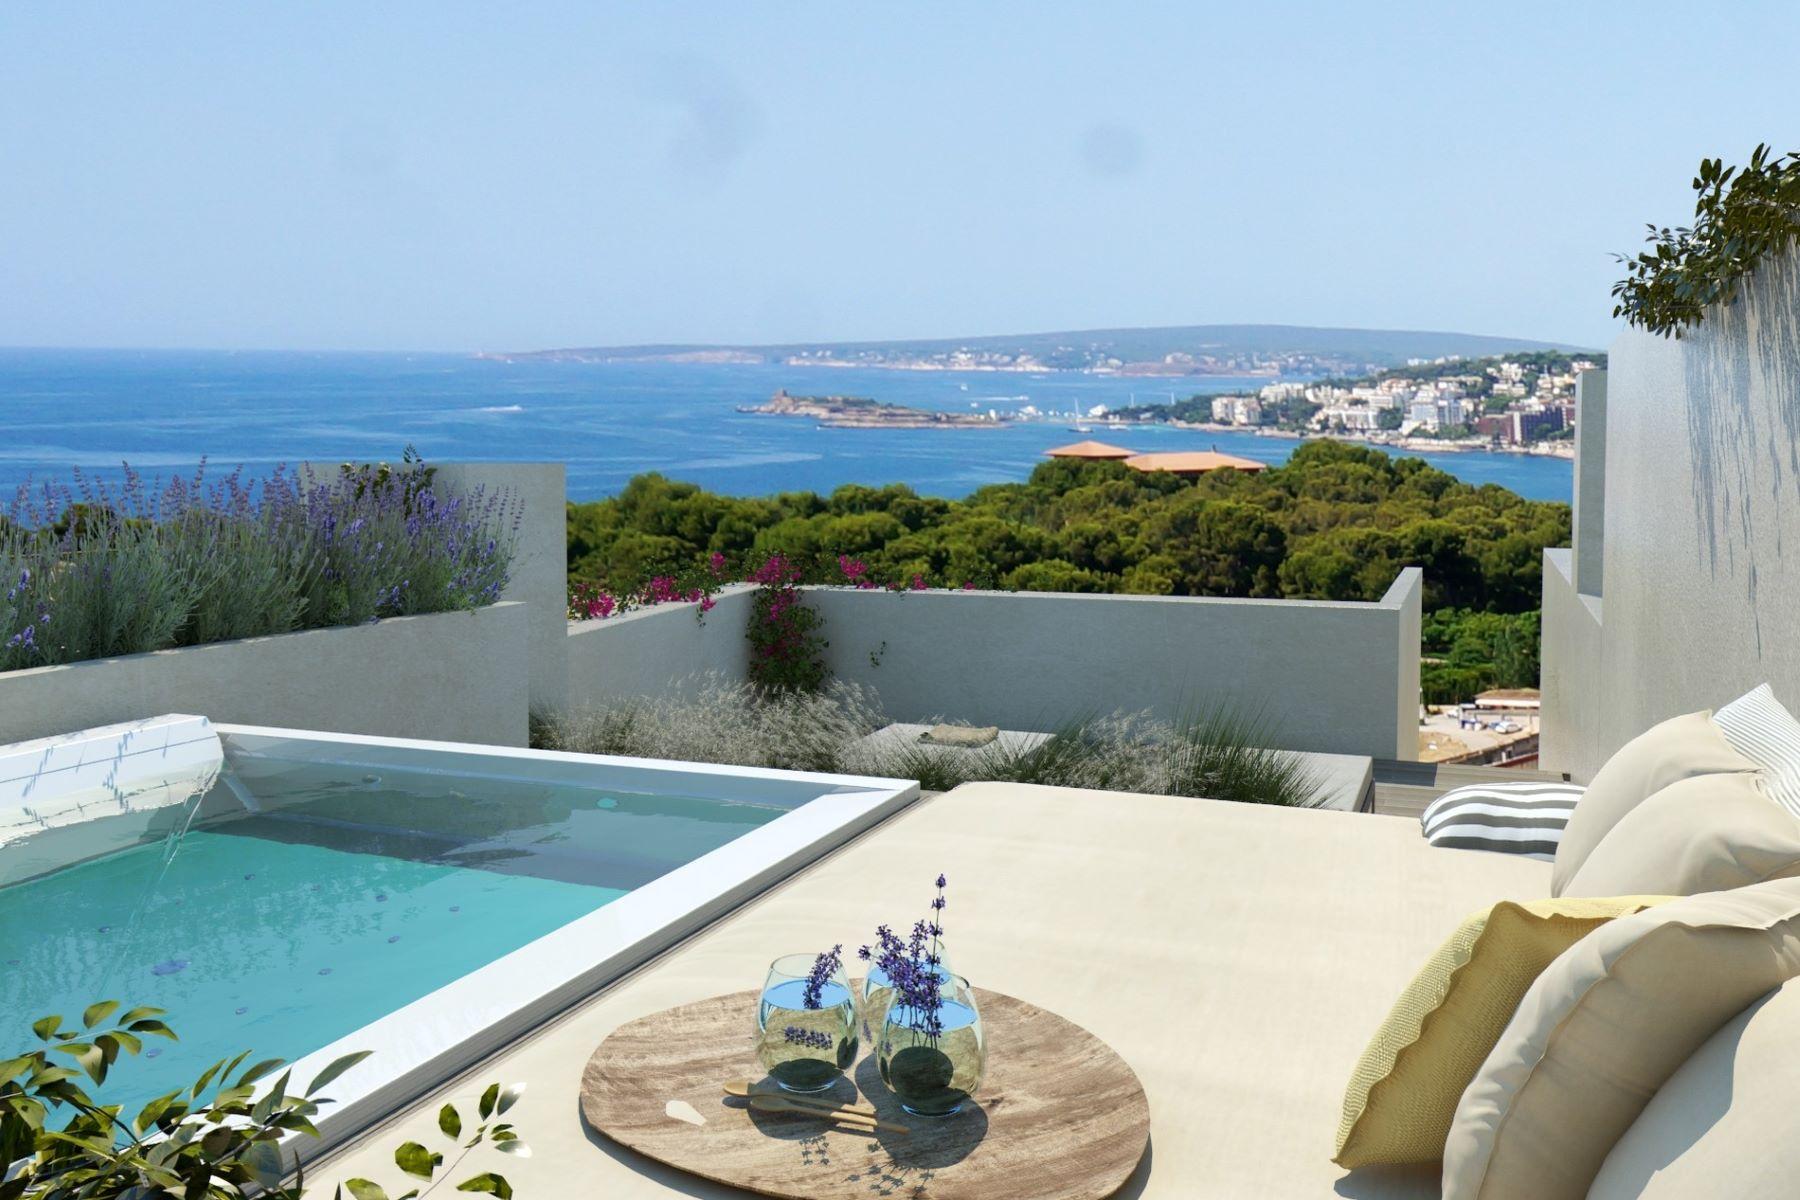 Einfamilienhaus für Verkauf beim Neues High-End Penthouse mit Meerblick in Palma Other Balearic Islands, Balearic Islands, Spanien